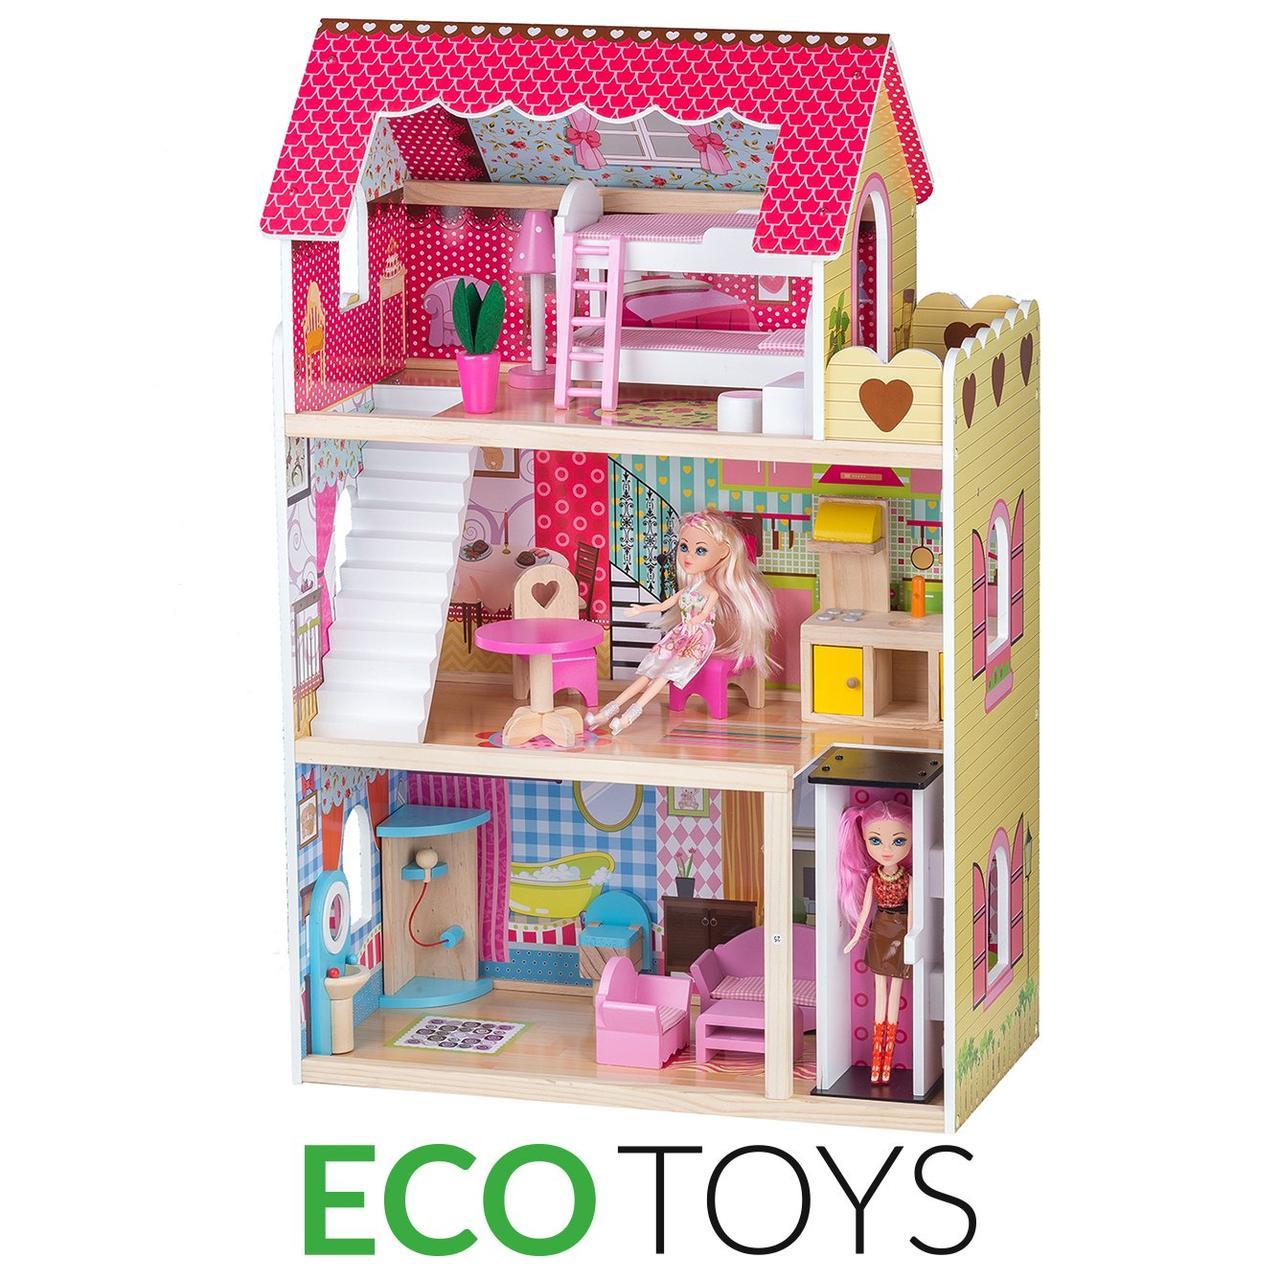 деревянный дом для кукол малинка с лифтом продажа цена в львове аксессуары для кукол и пупсов от Svit Kazok 616431652